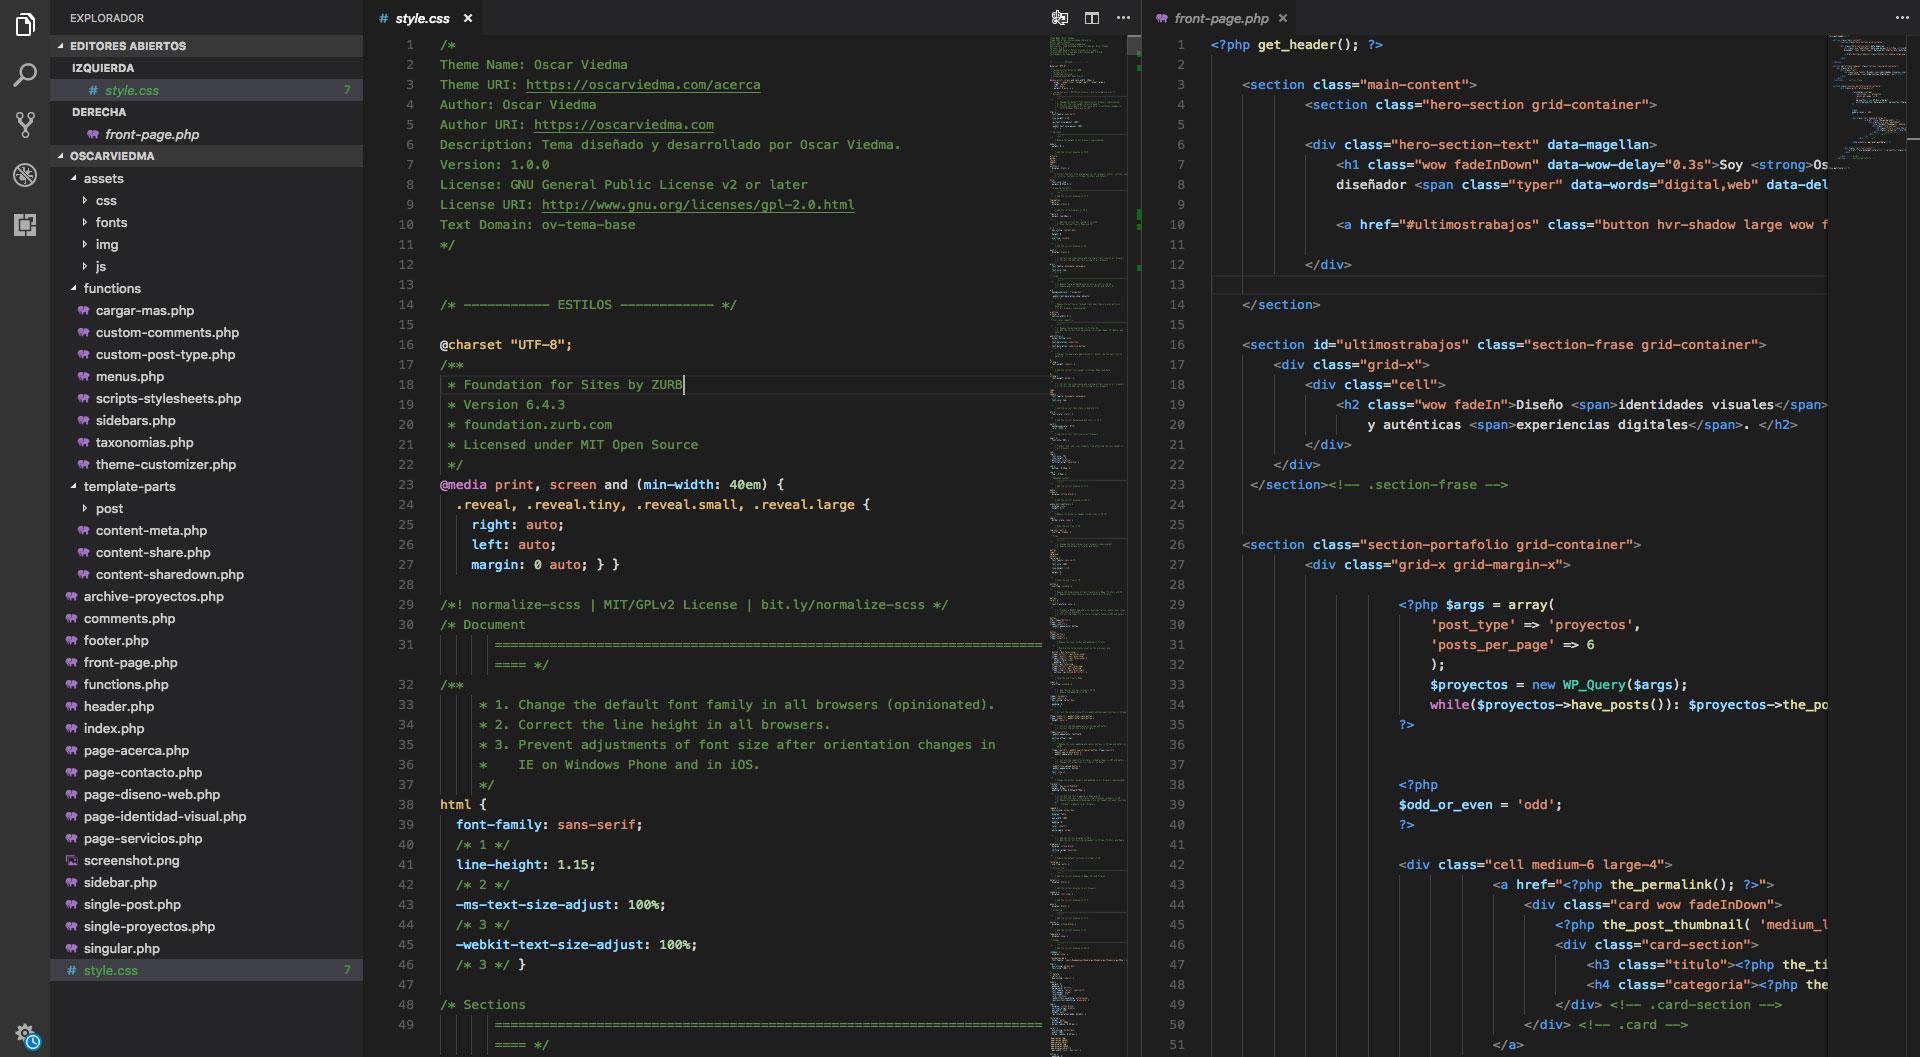 Código sitio Oscar Viedma